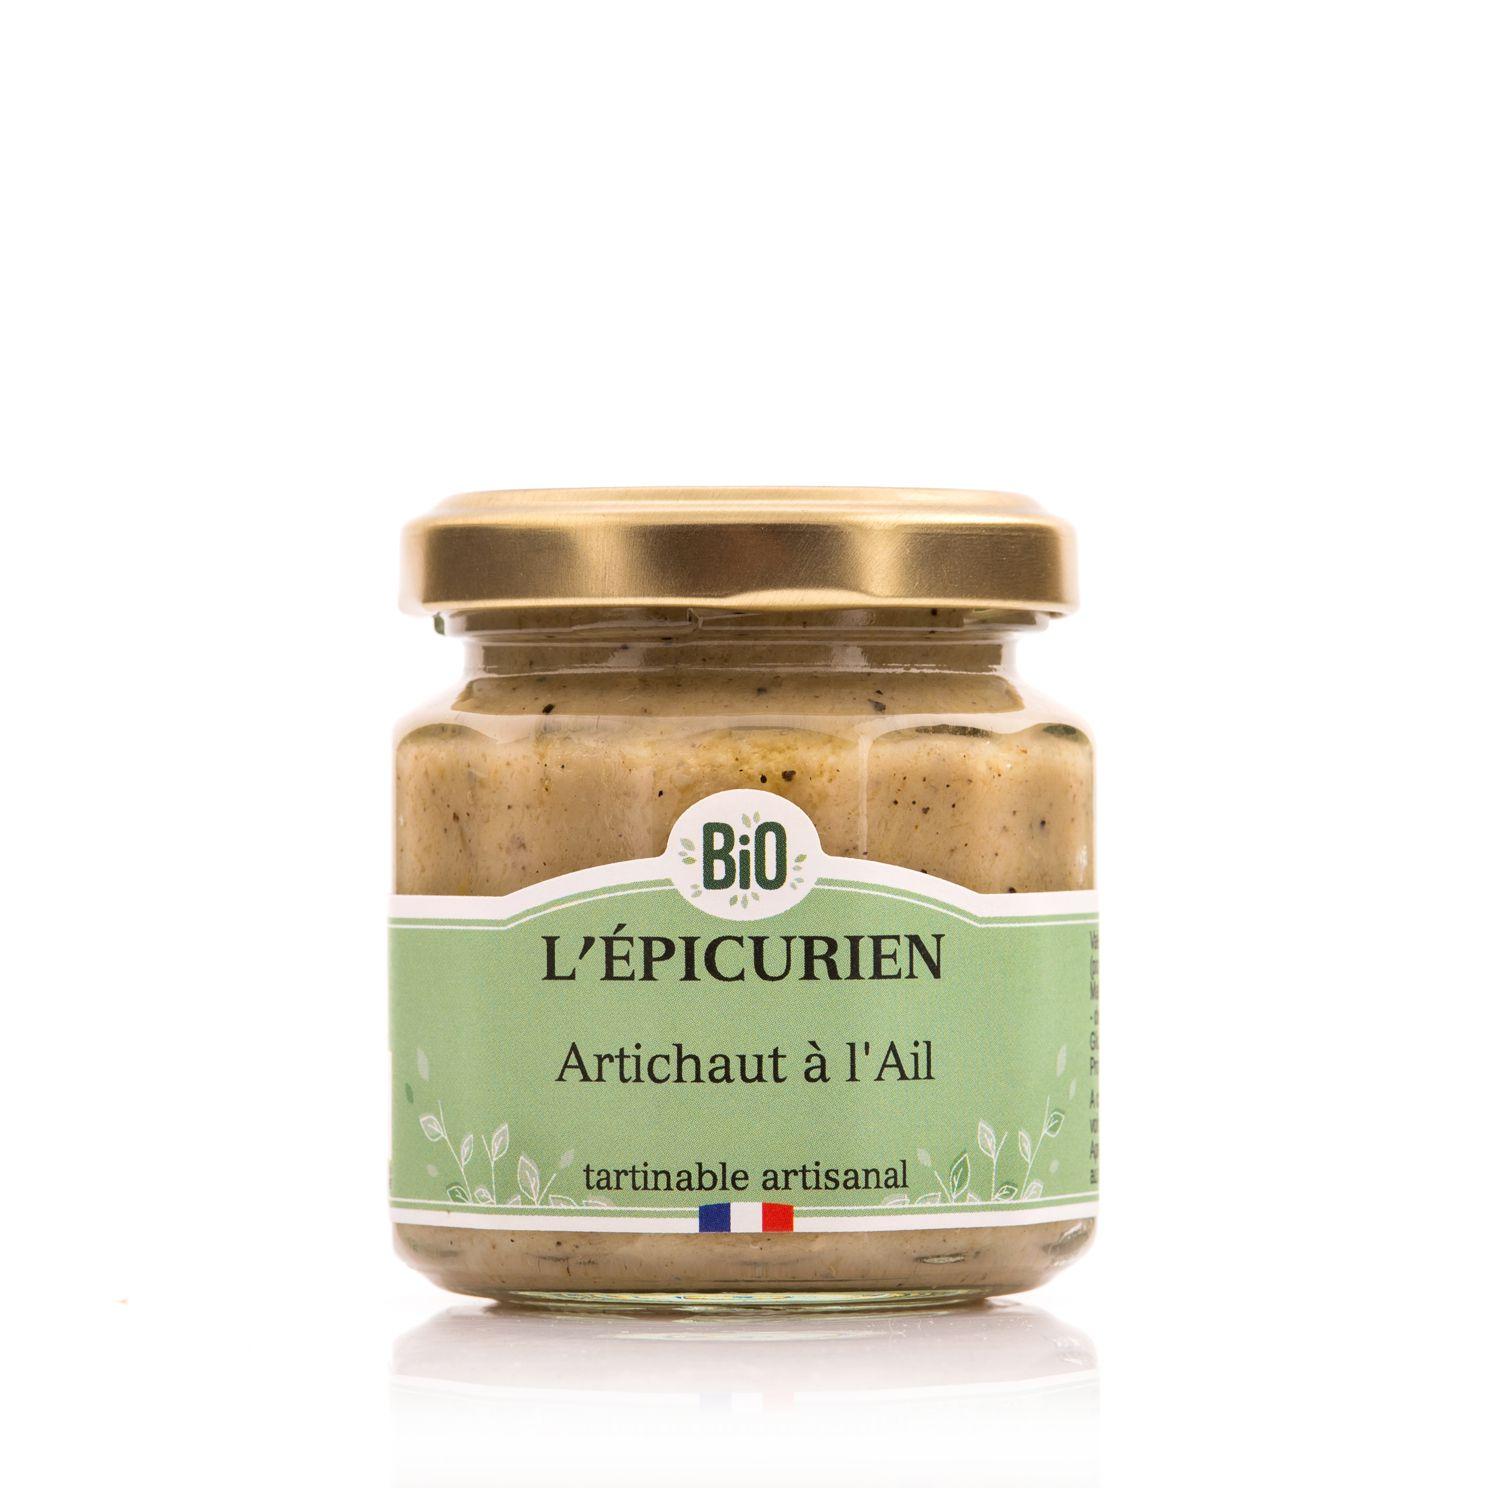 artichaut-ail-bio-lepicurien